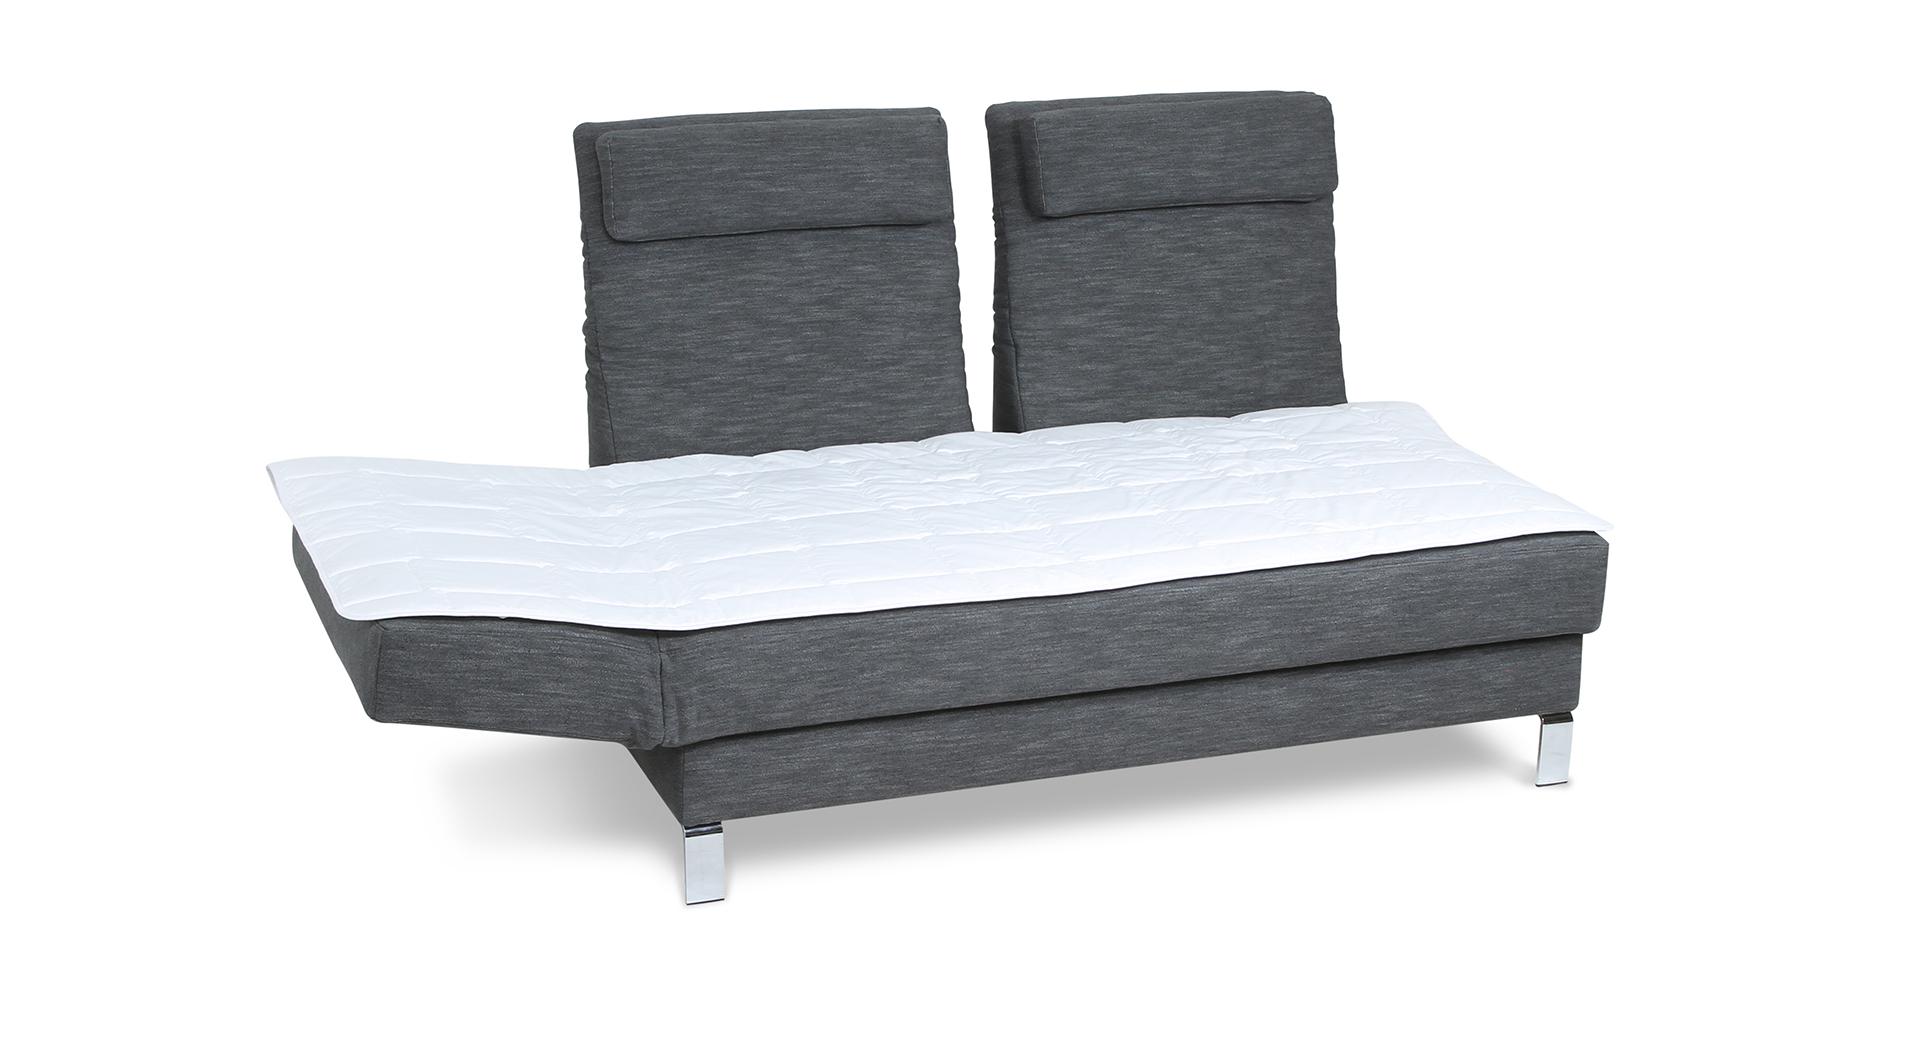 Bettposition mit Zwei-Zonen-Lattenrost